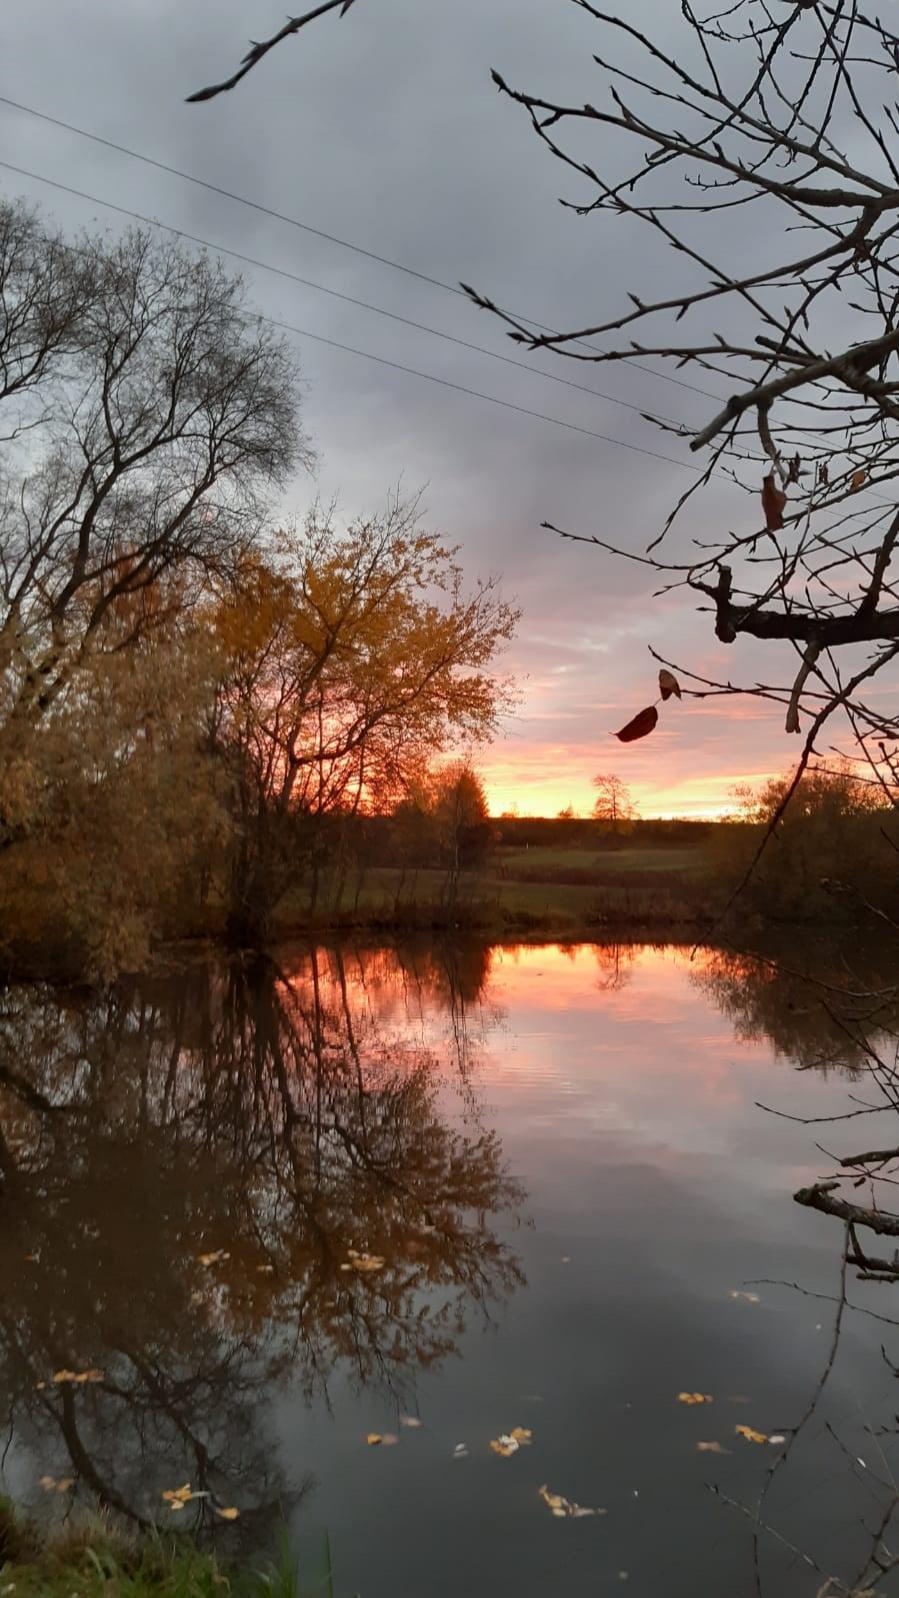 'Sonnenuntergang am Gemeindeteich